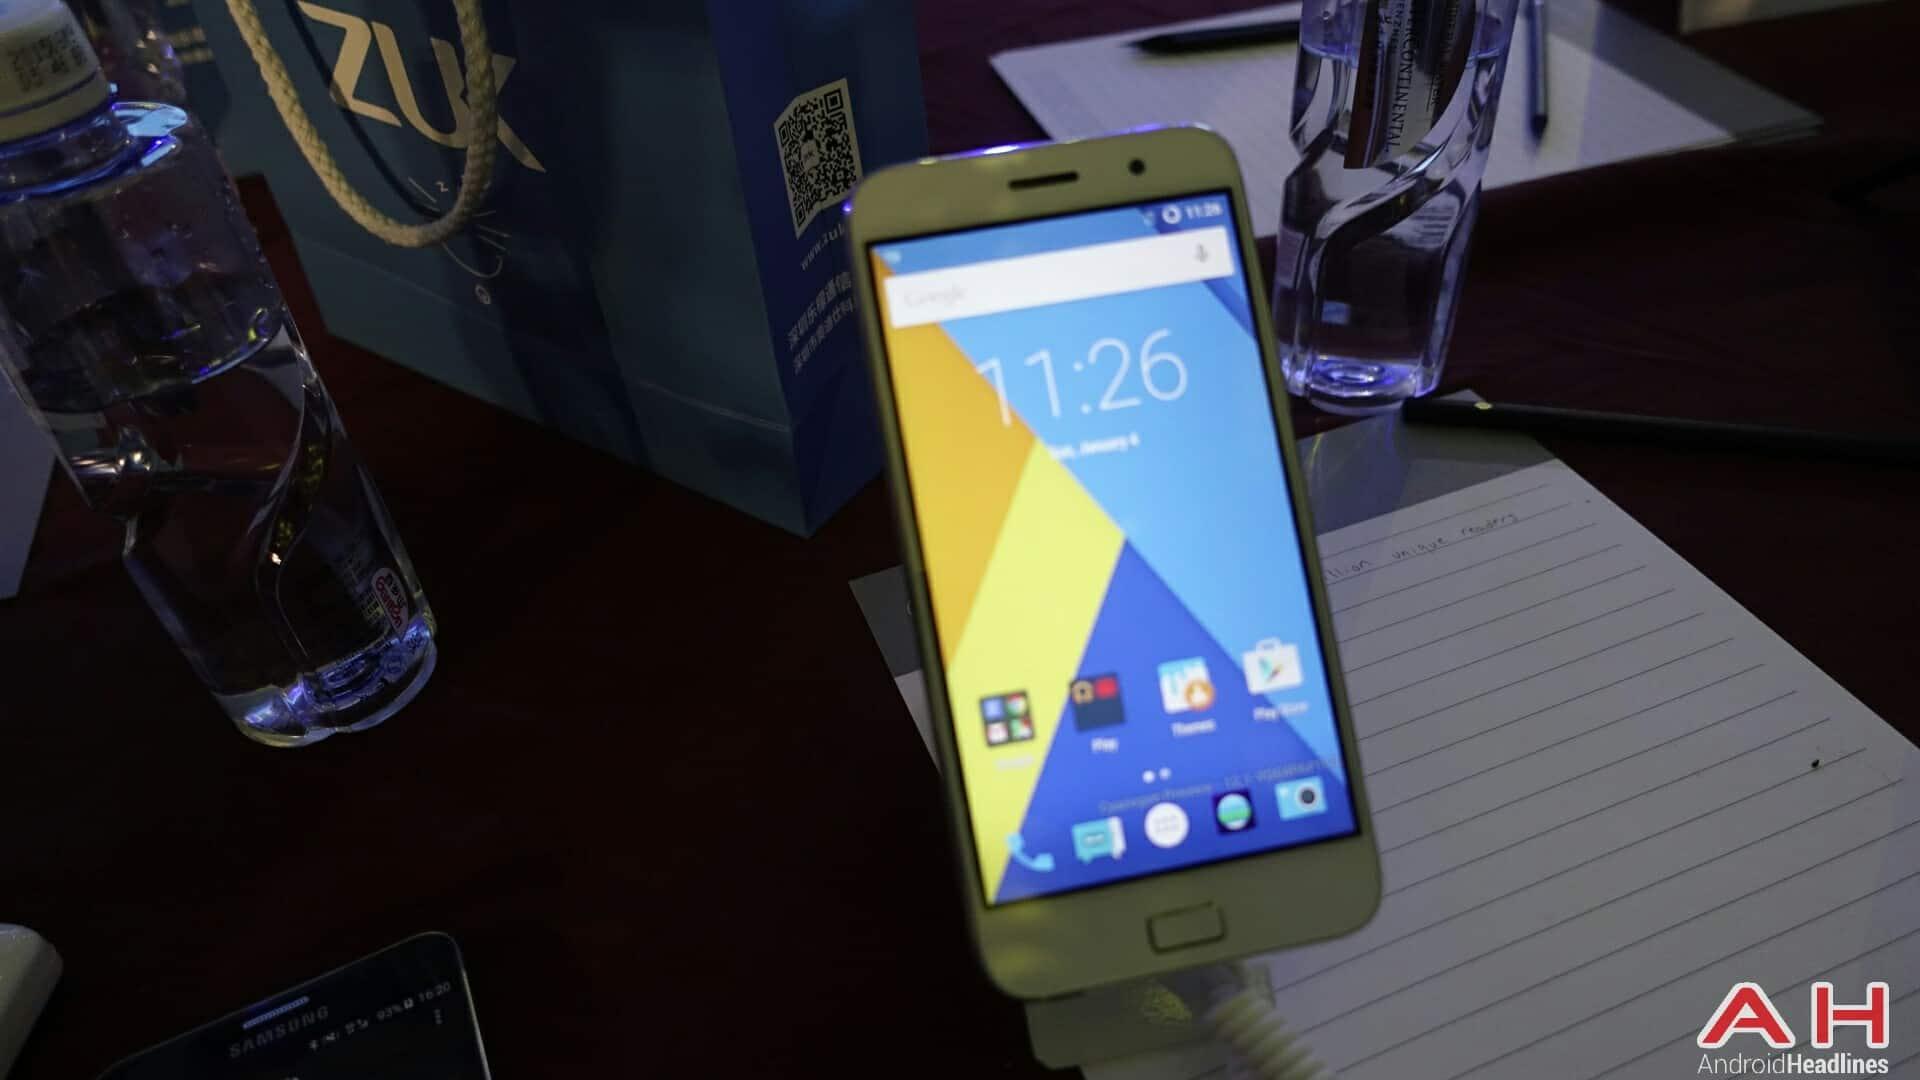 AH ZUK Z1 Cyanogen version 1